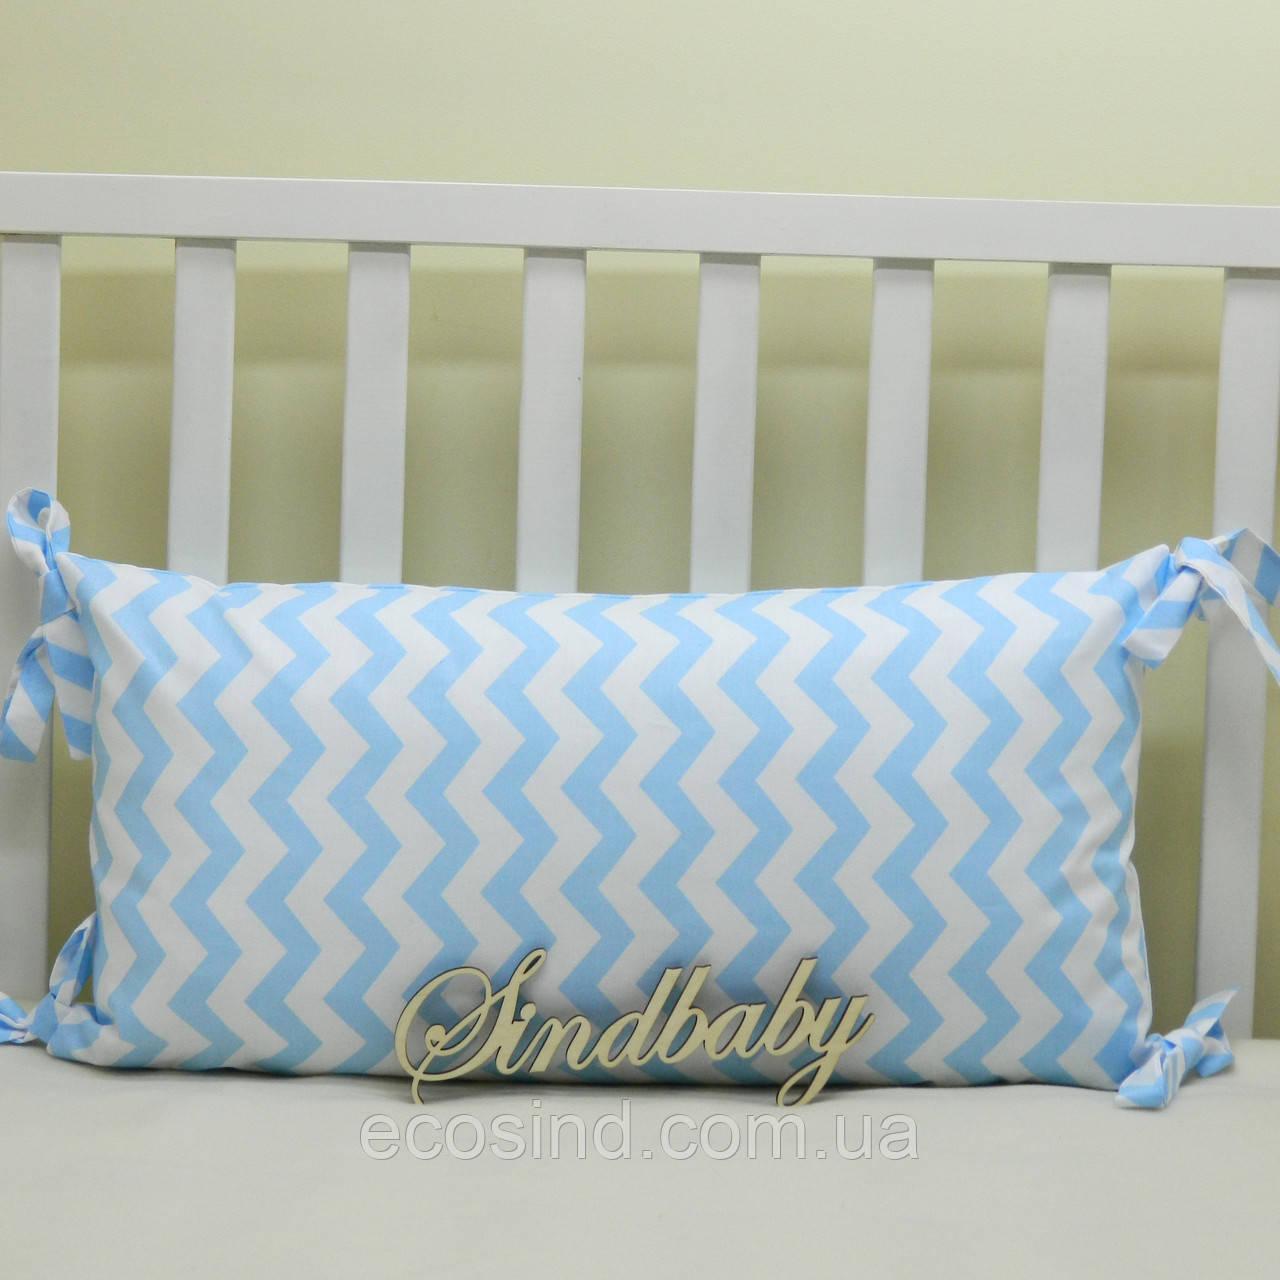 Бортики подушки в кроватку, Подушка 30х60 -09